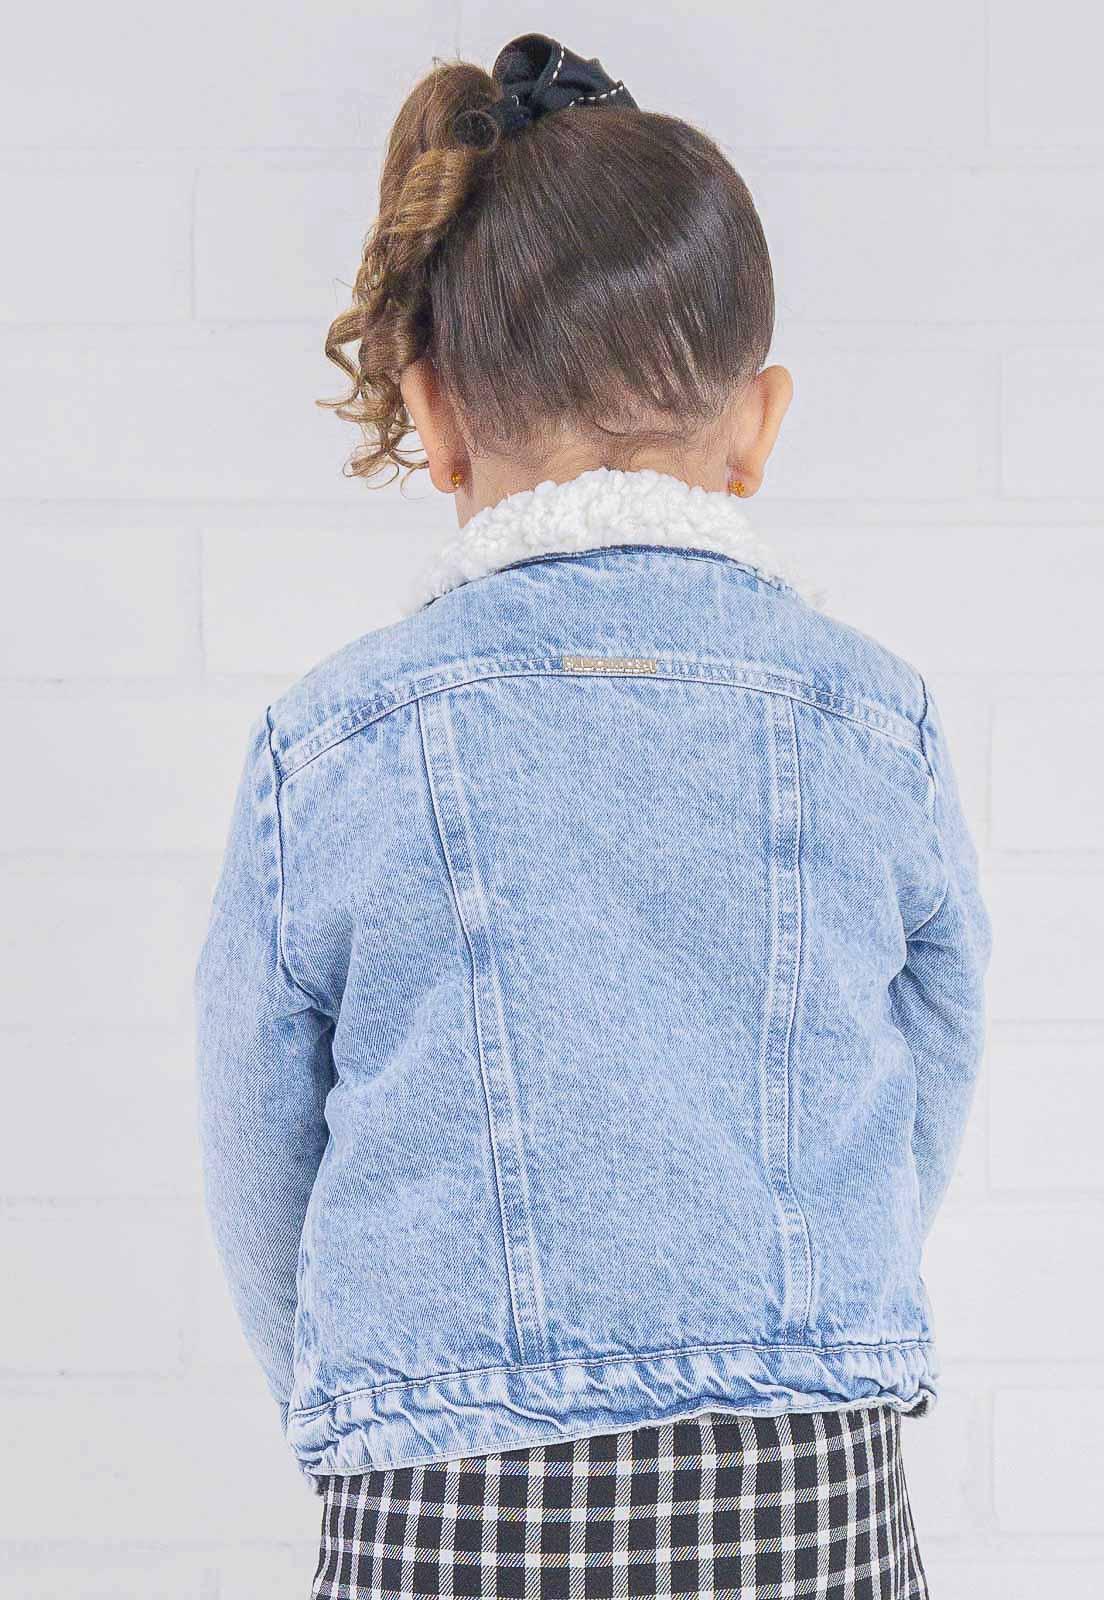 Jaqueta Jeans Infantil Com Forro de Pelo Mini Alexa (Unissex)